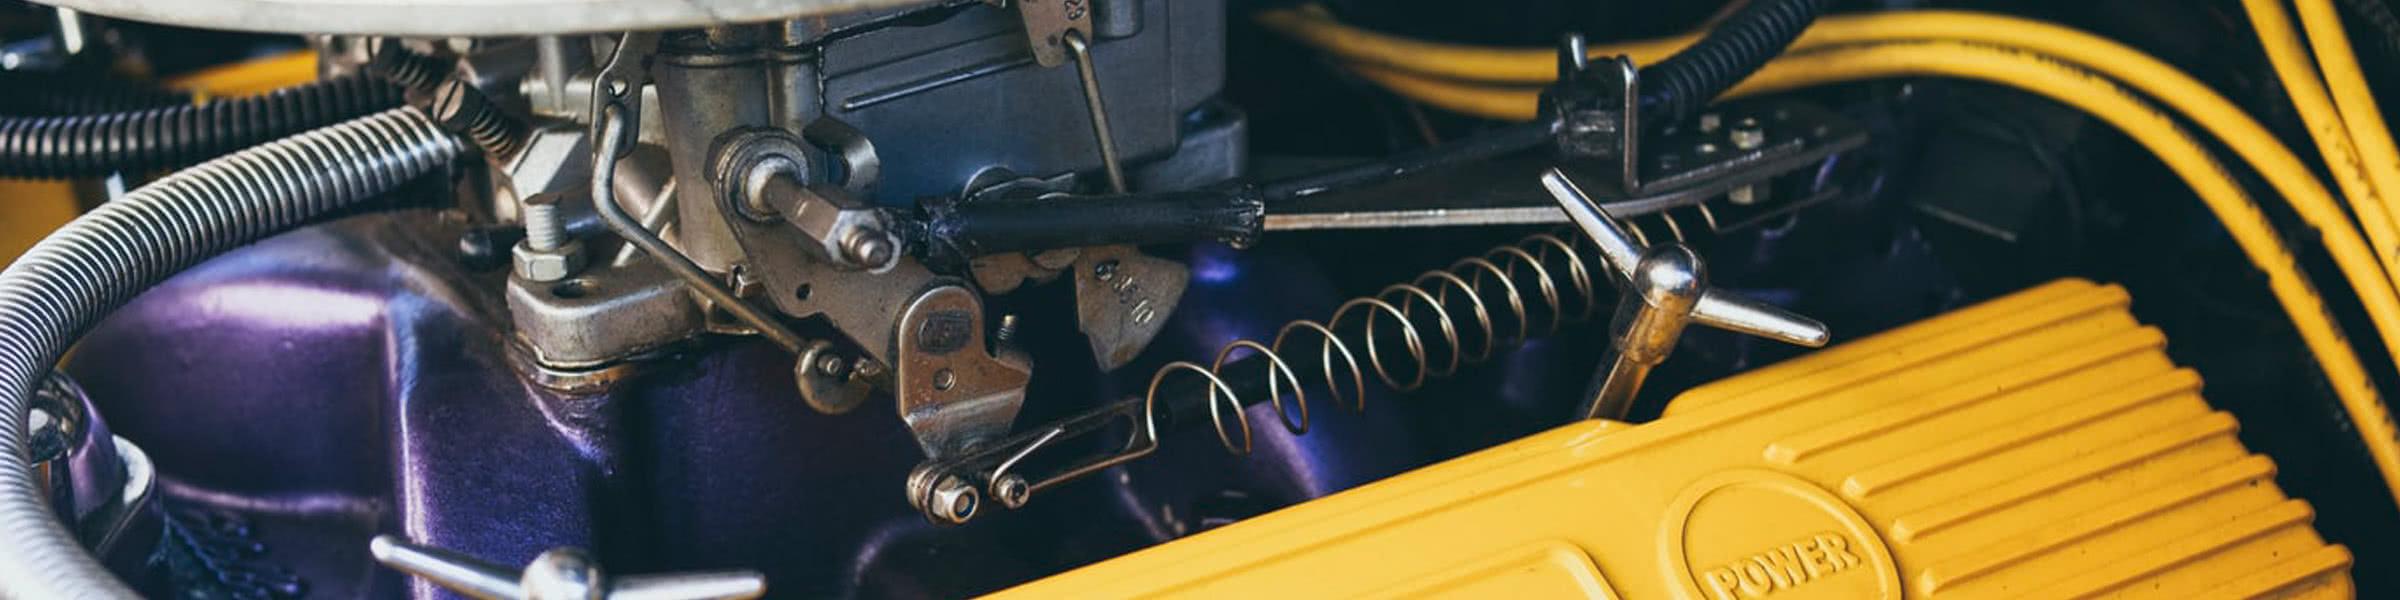 Evita i batteri e l'inquinamento del diesel